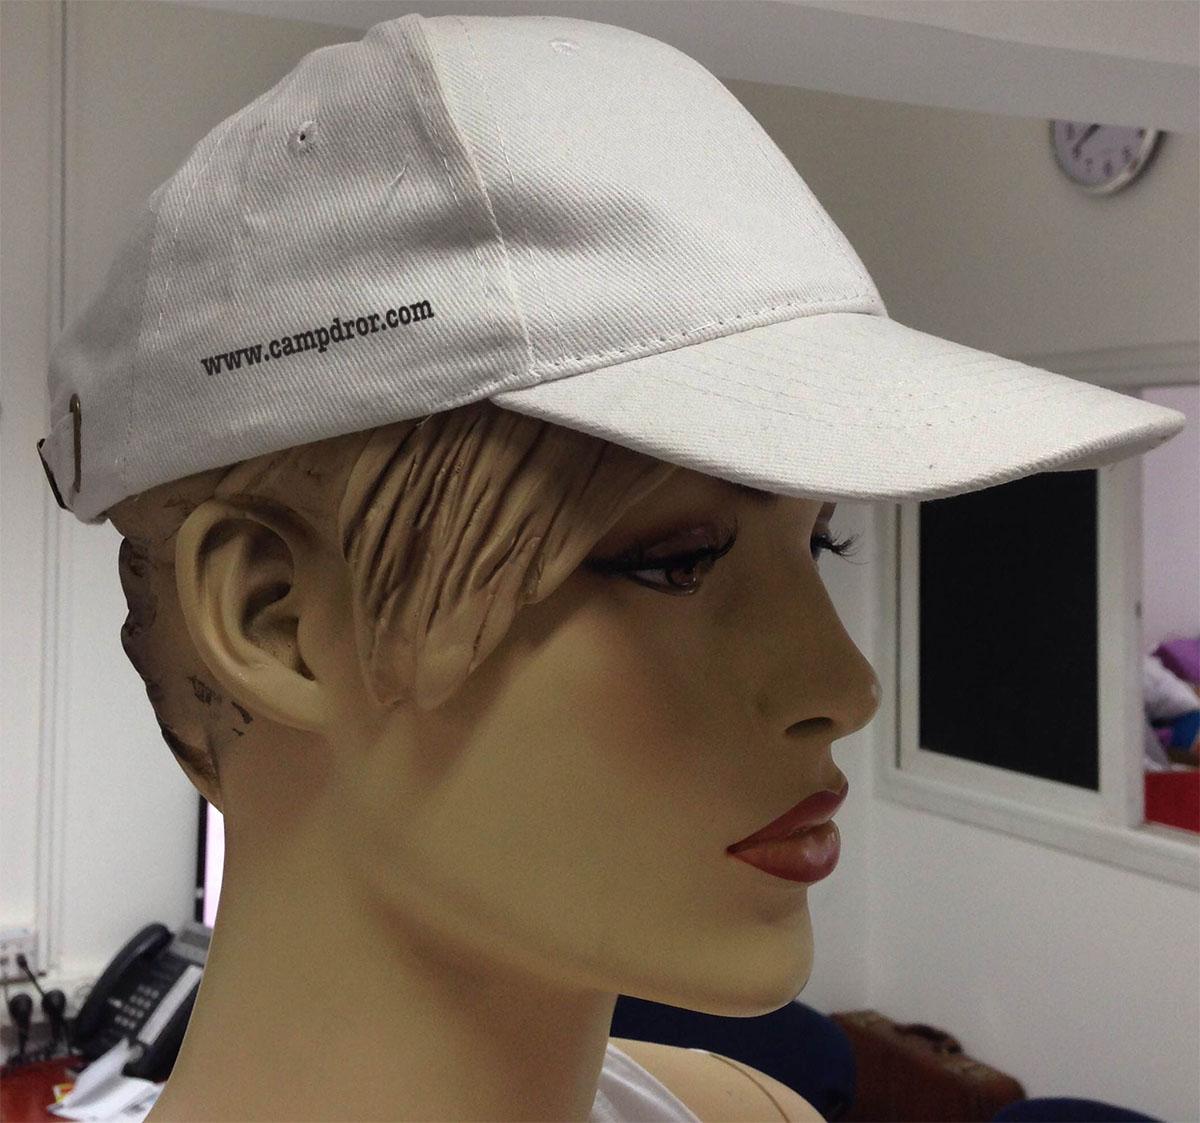 כובע עם שם רקום | כובעים לחתונה